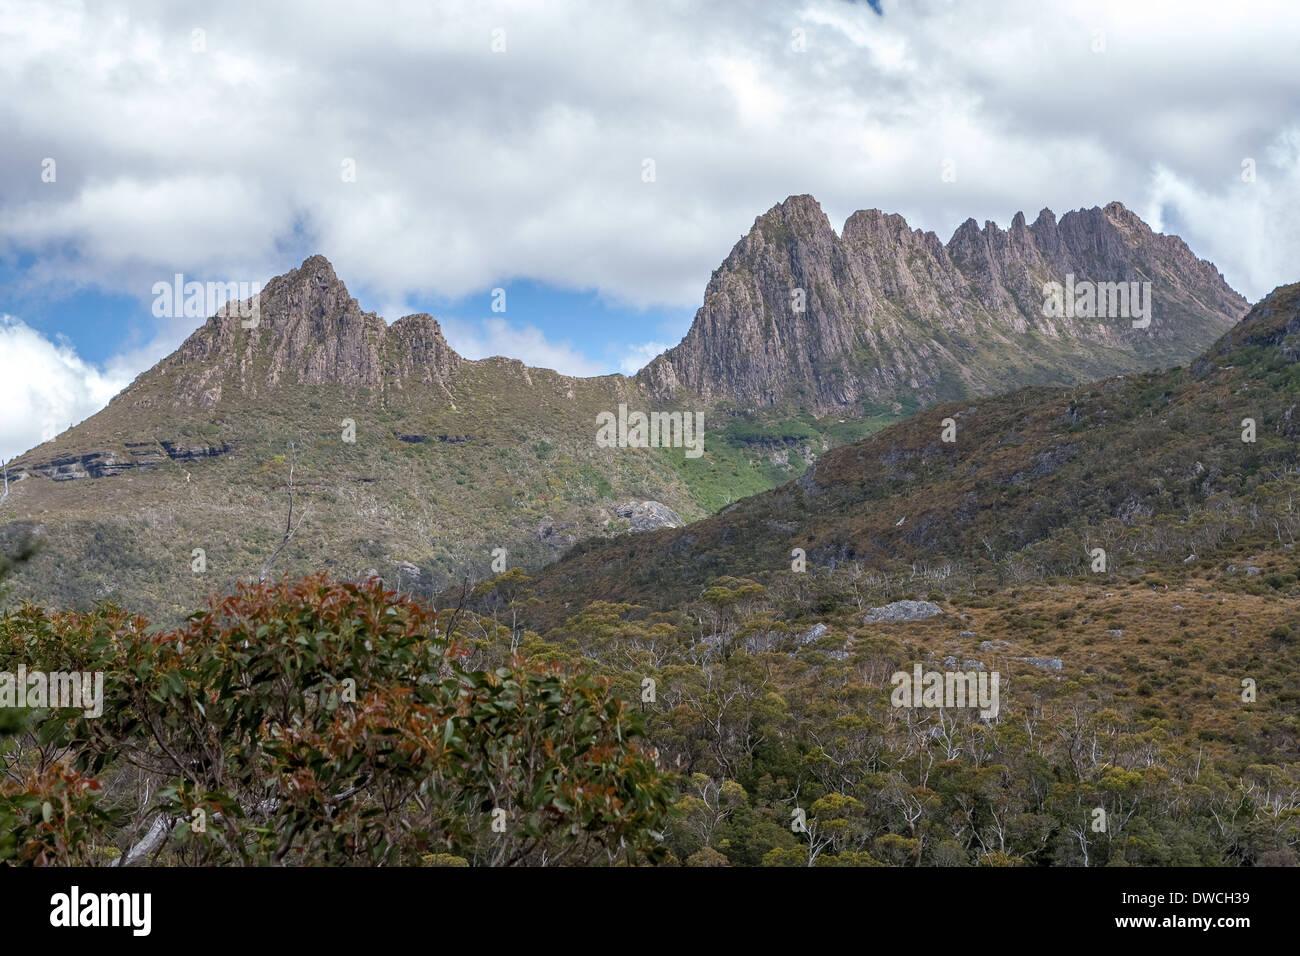 Cradle Mountain National Park Tasmania Australia -Cradle Mountain - Stock Image